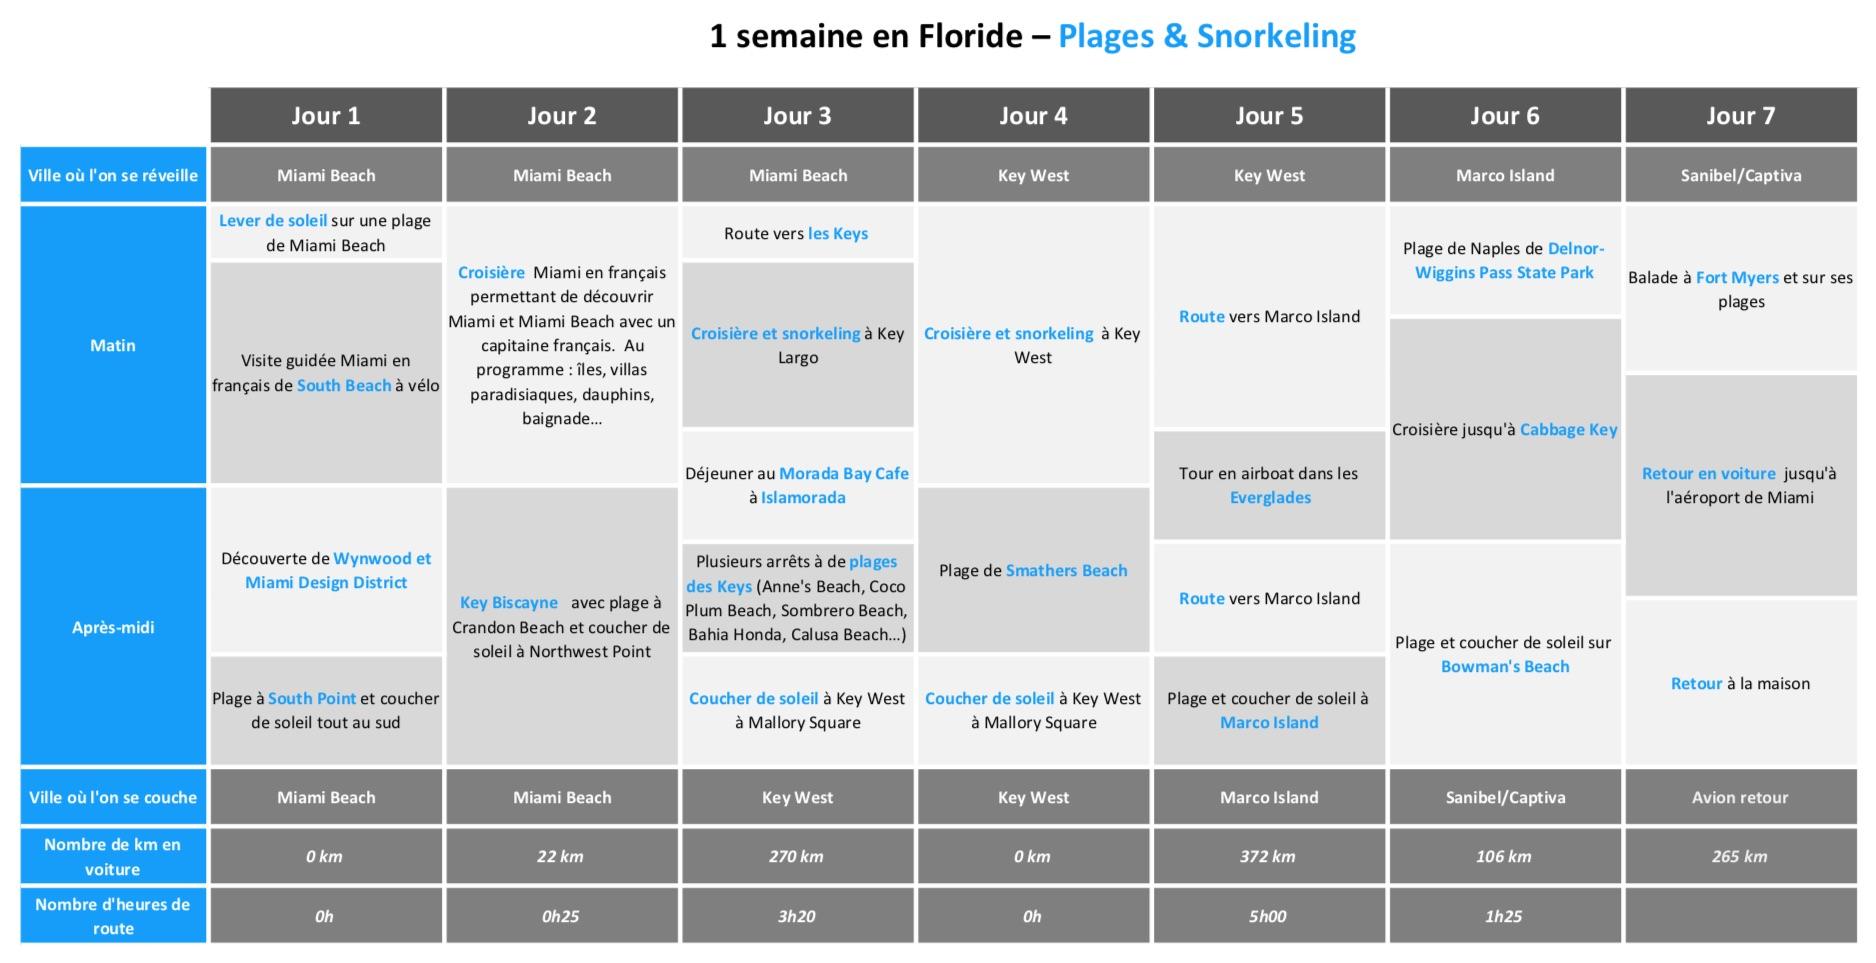 meilleur site de rencontre pour le sud de la Floride conseils de rencontres 5 signes qu'il est intéressé